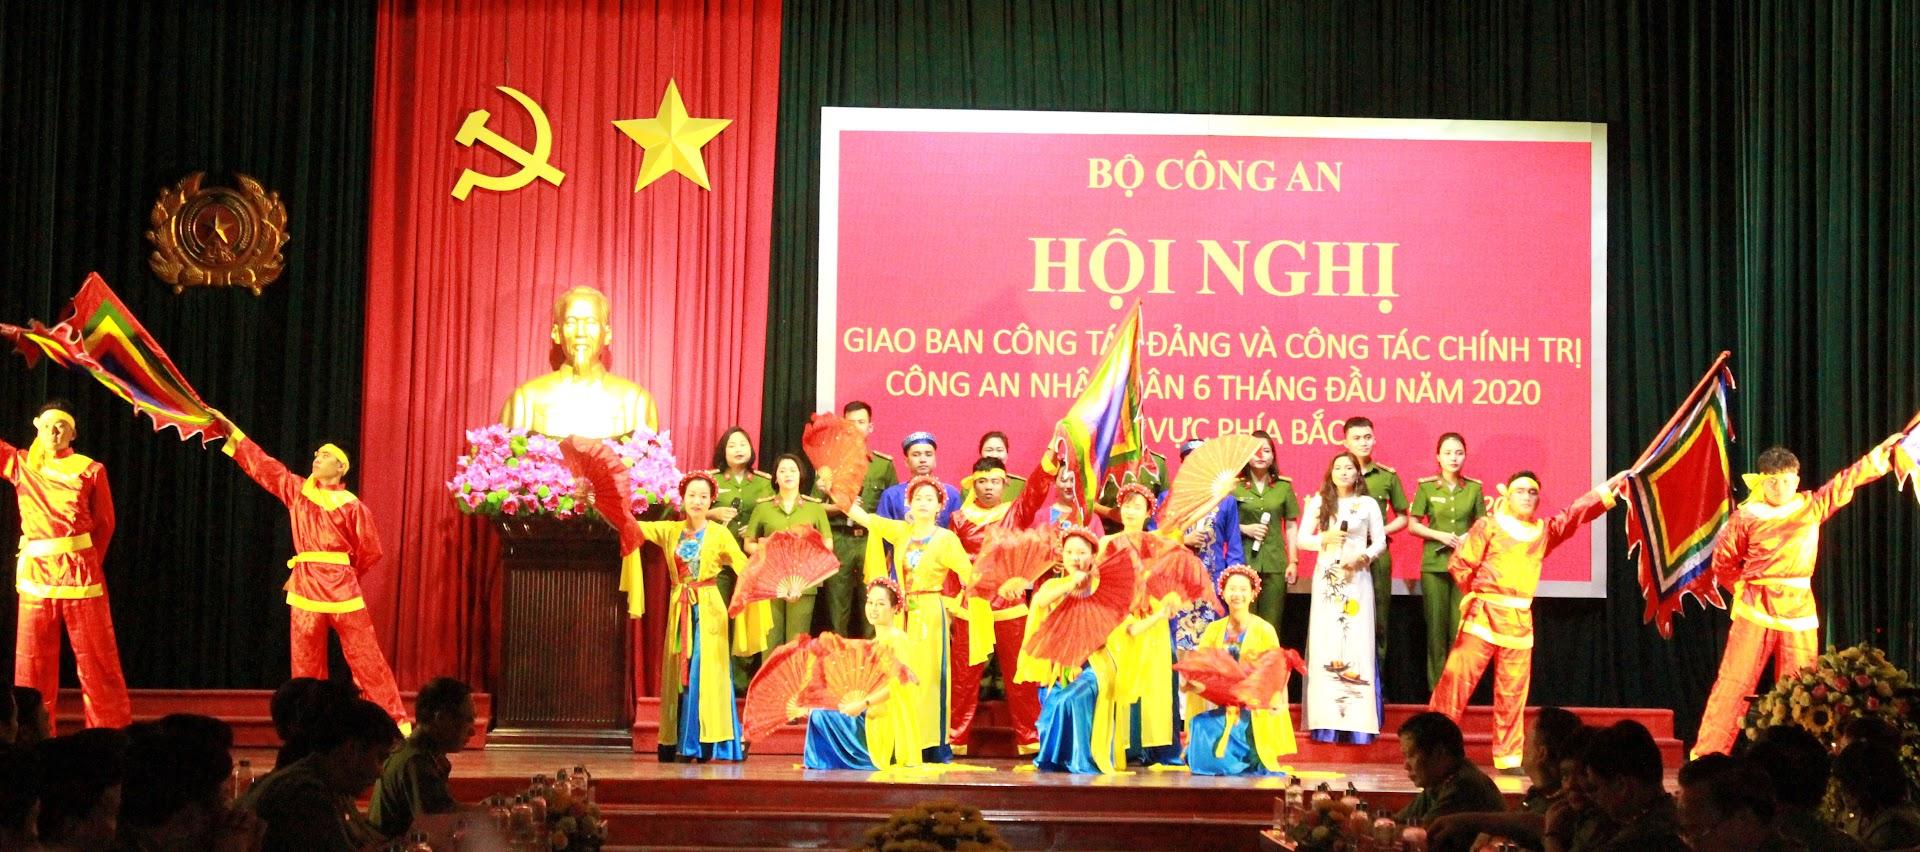 Văn nghệ chào mừng Hội nghị do Đội văn nghệ Công an tỉnh Hà Nam thực hiện